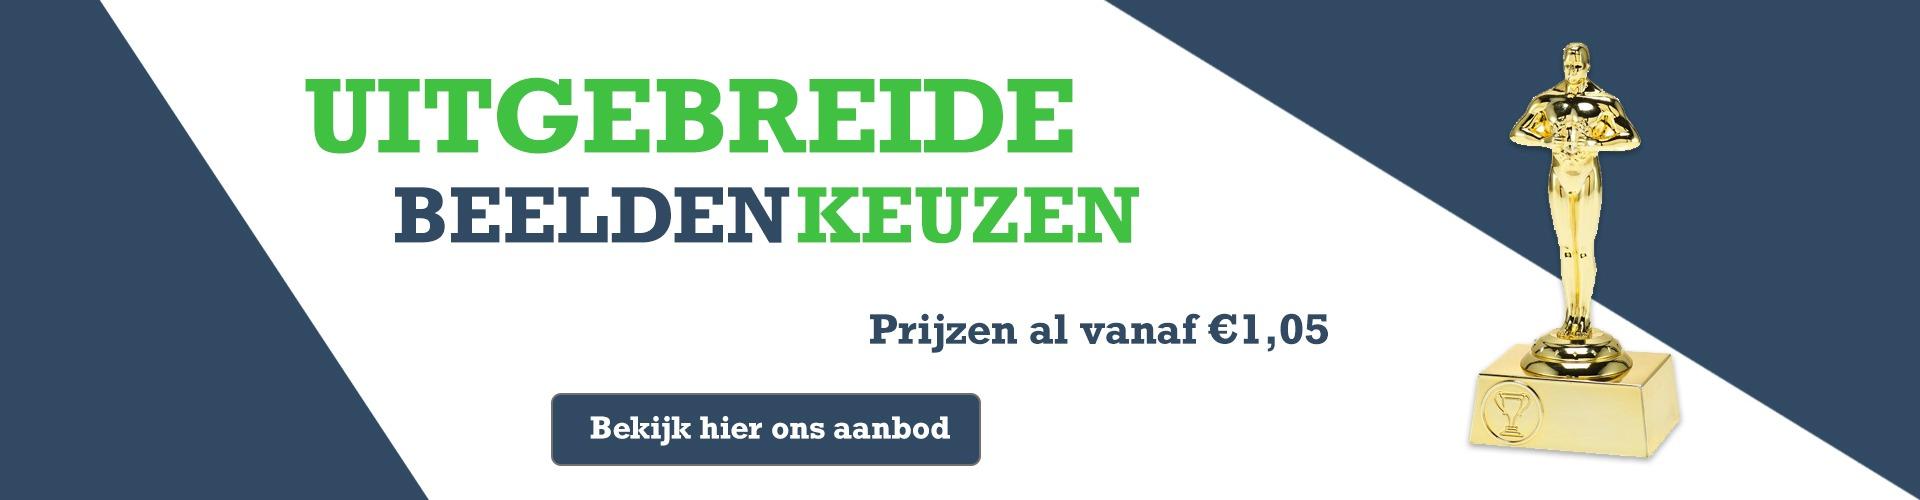 Bekerplanet.nl - Beelden